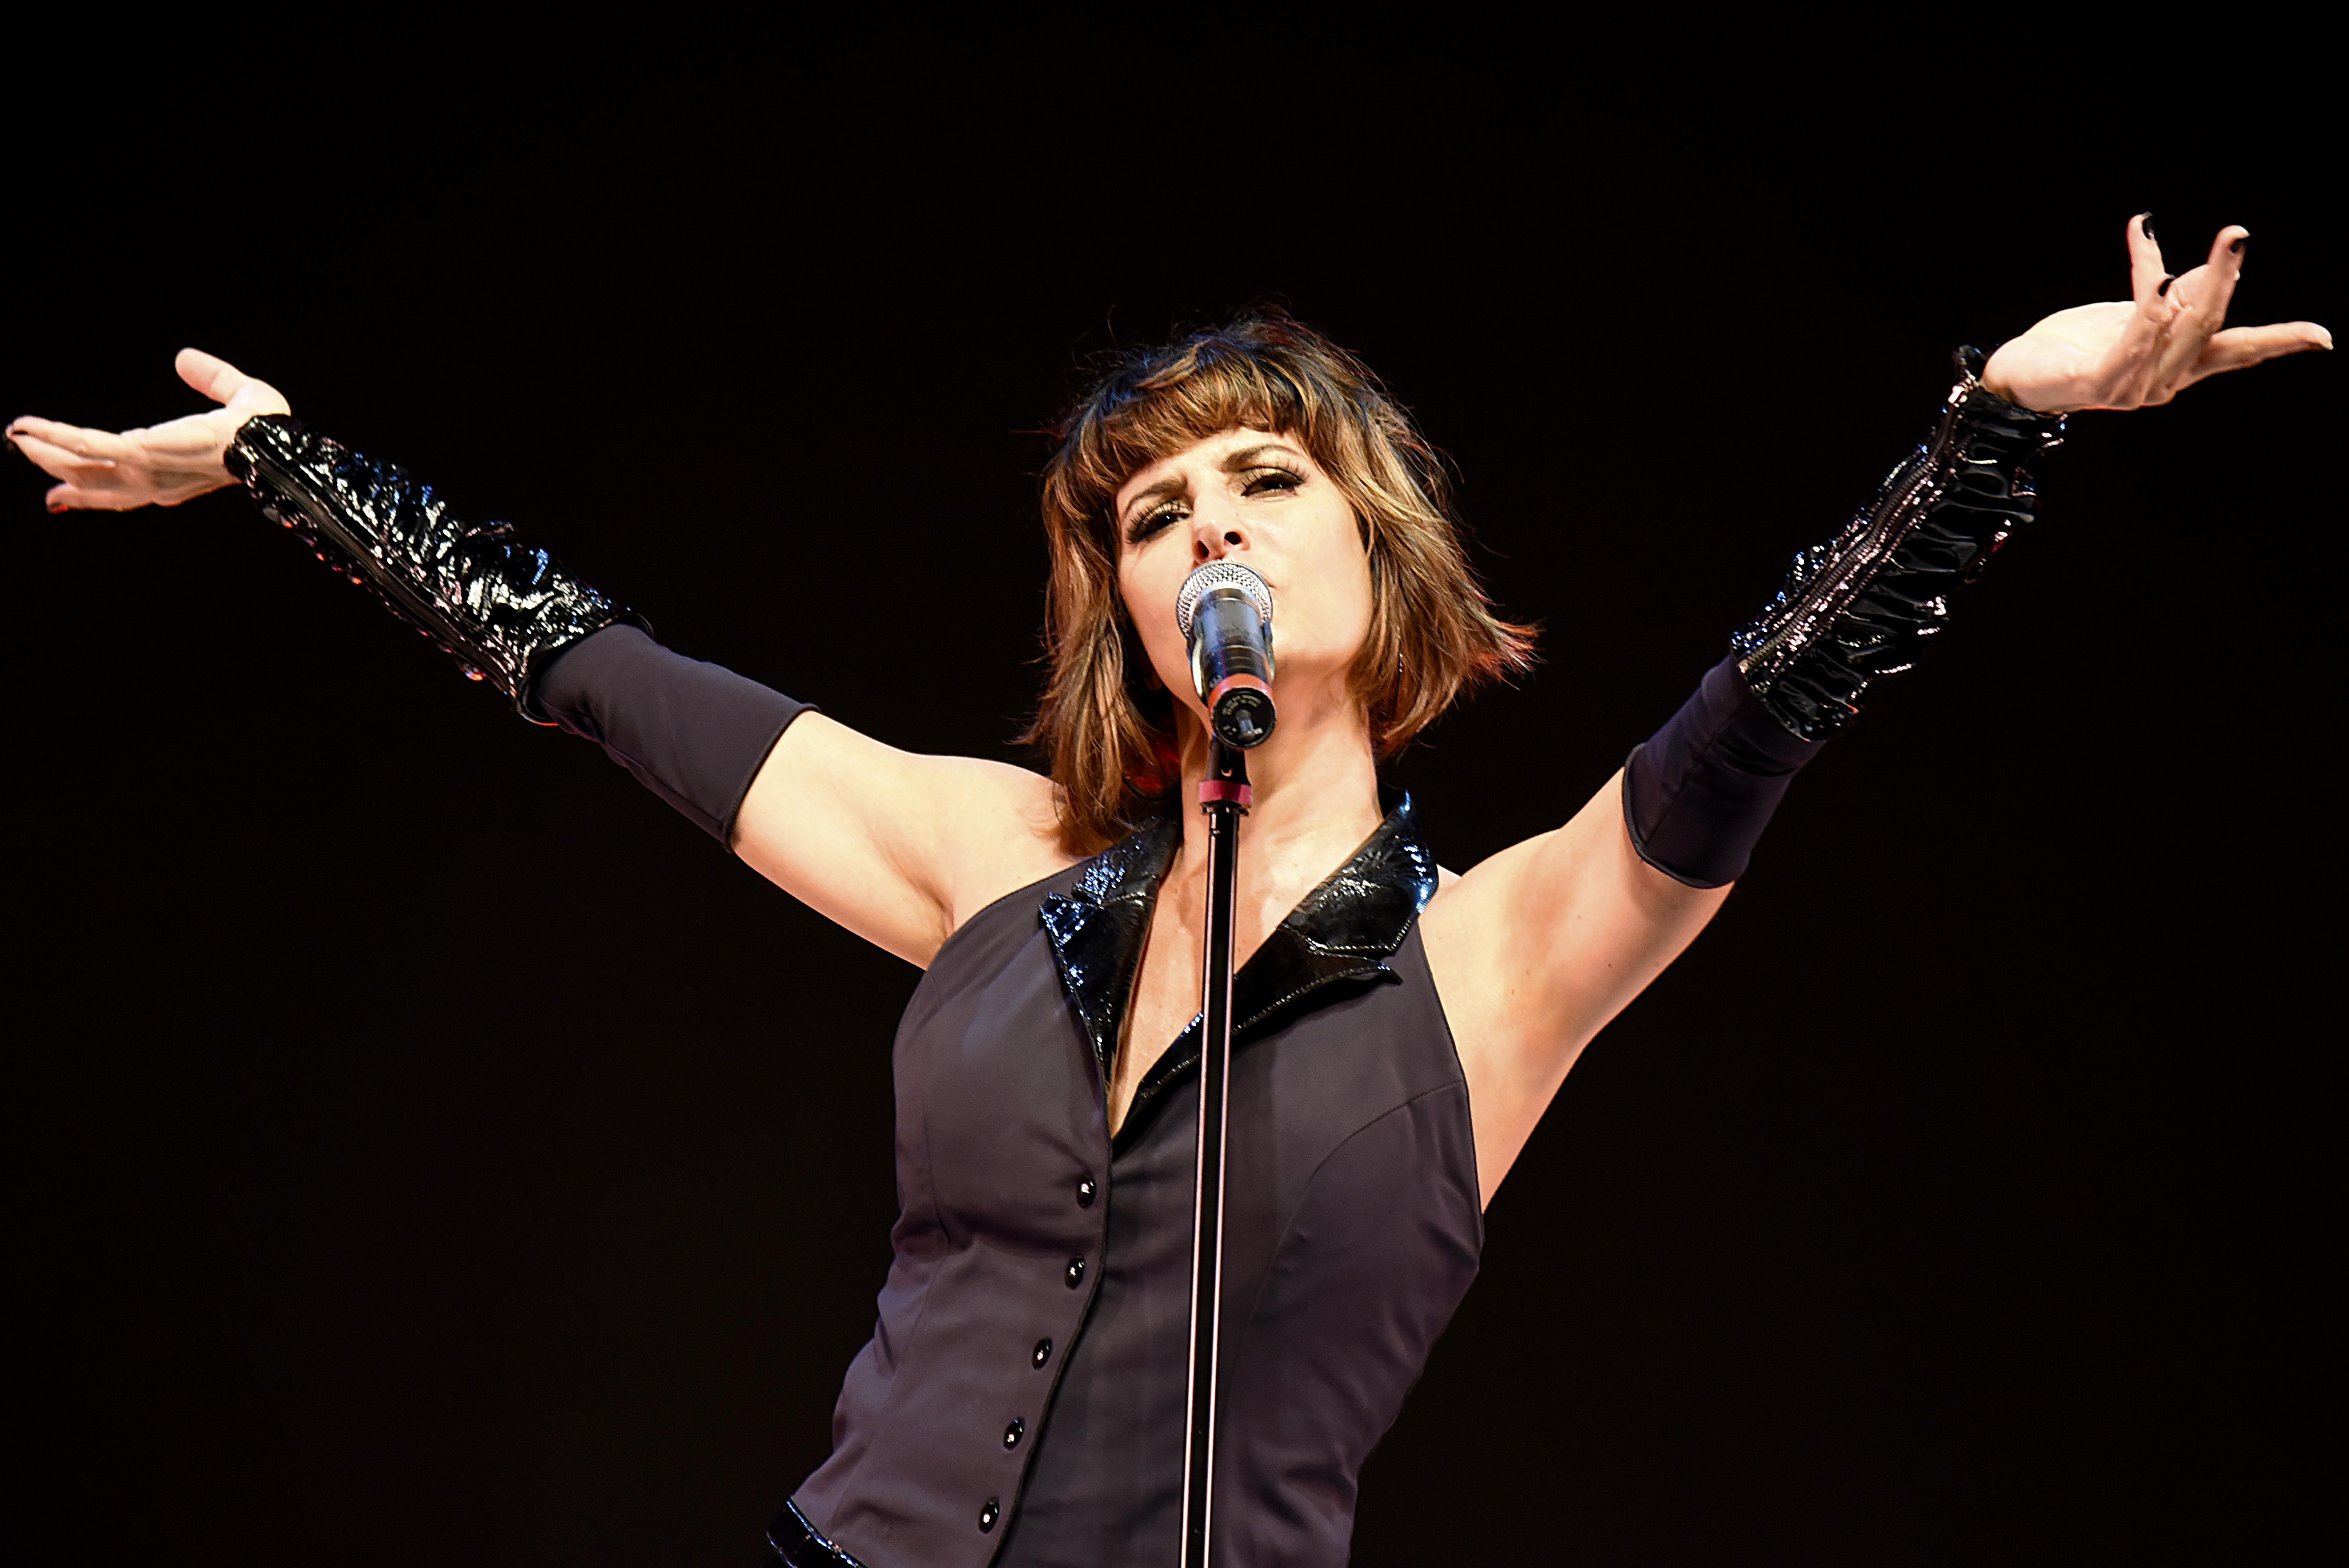 A cantora Fernanda Abreu veste uma blusa preta sem alça e luvas pretas, com os braços para cima, enquanto canta no microfone